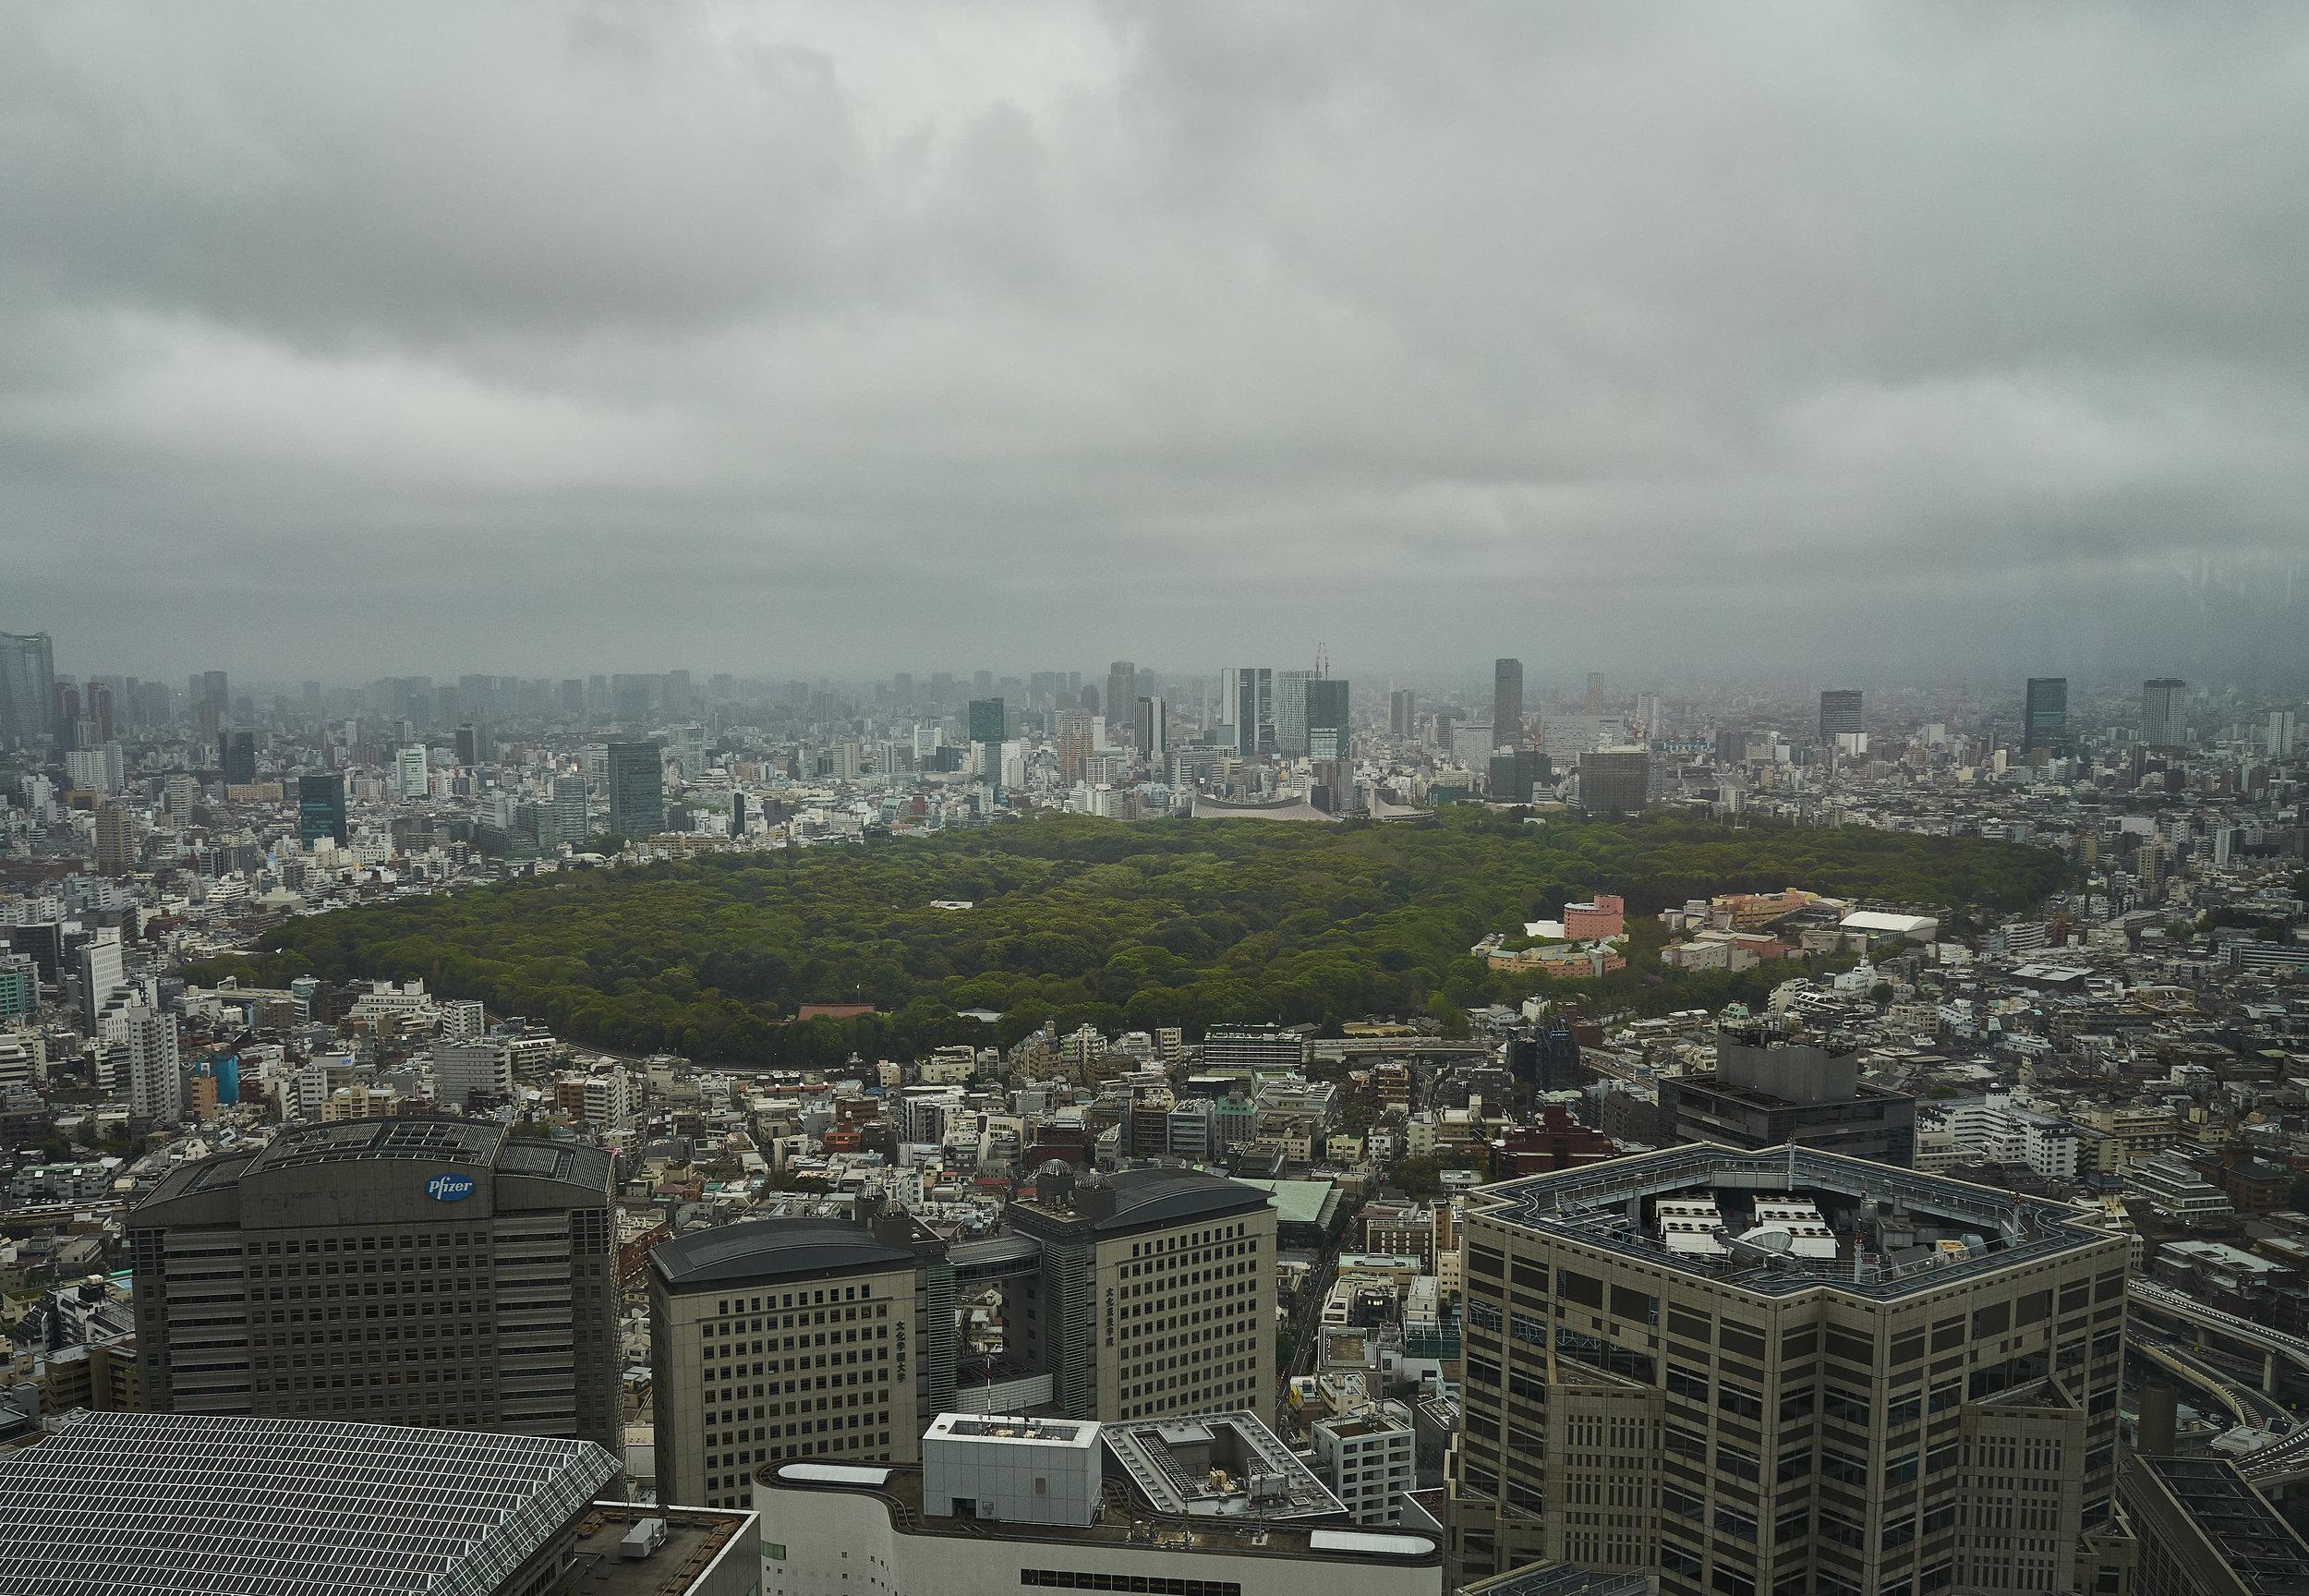 Tokio_Government Buidling_View_3_kom.jpg